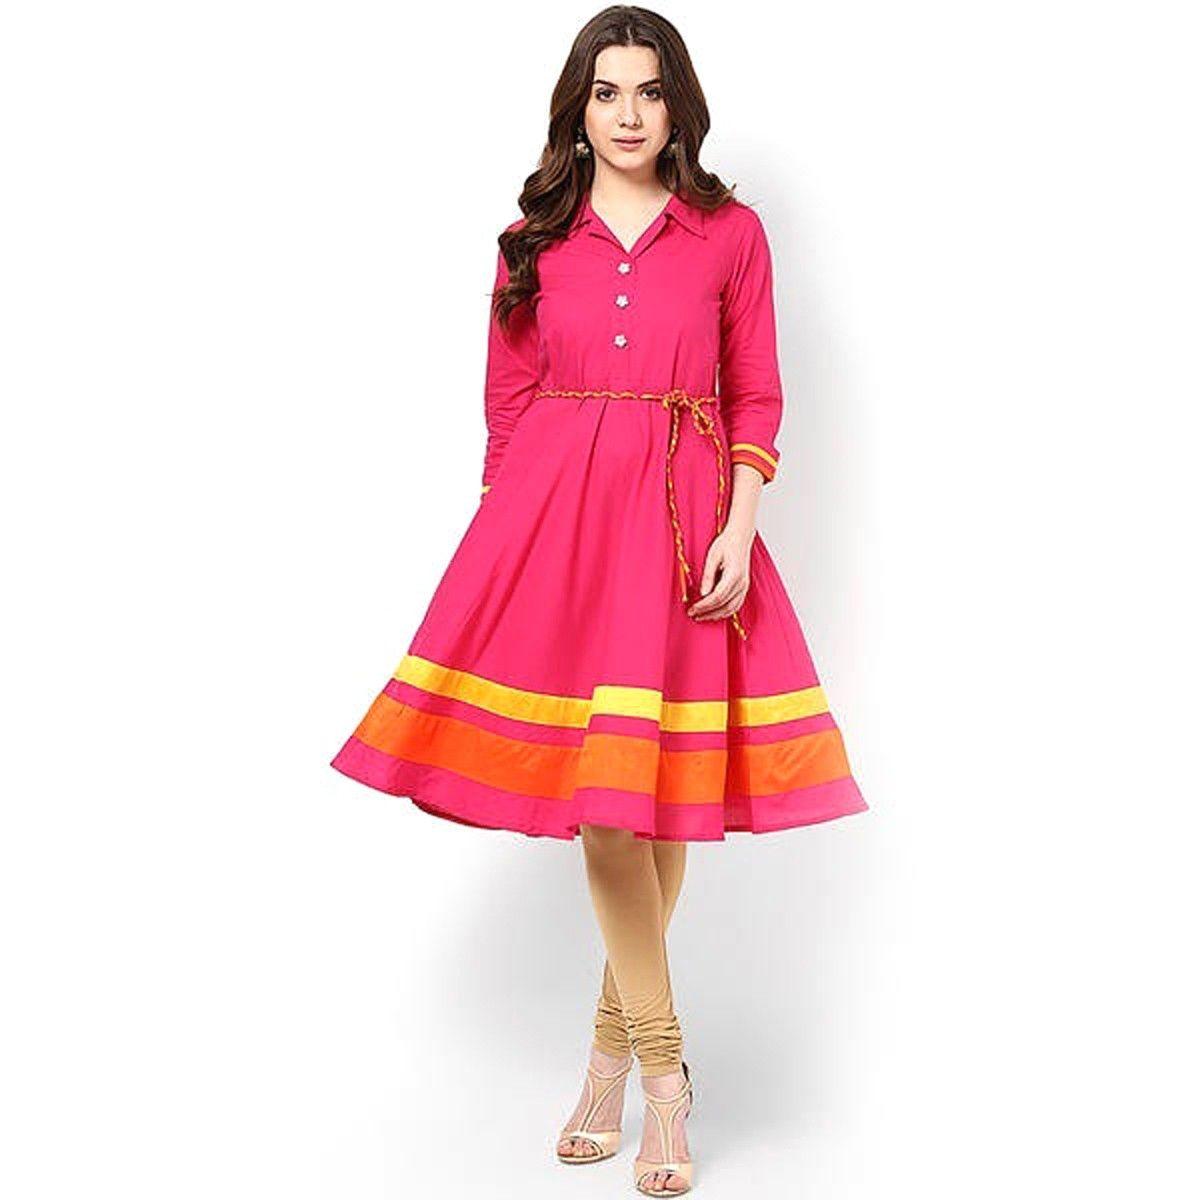 Shirt design kurti - Cotton Lace Work Pink Plain Stitched Frock Style Kurti 198